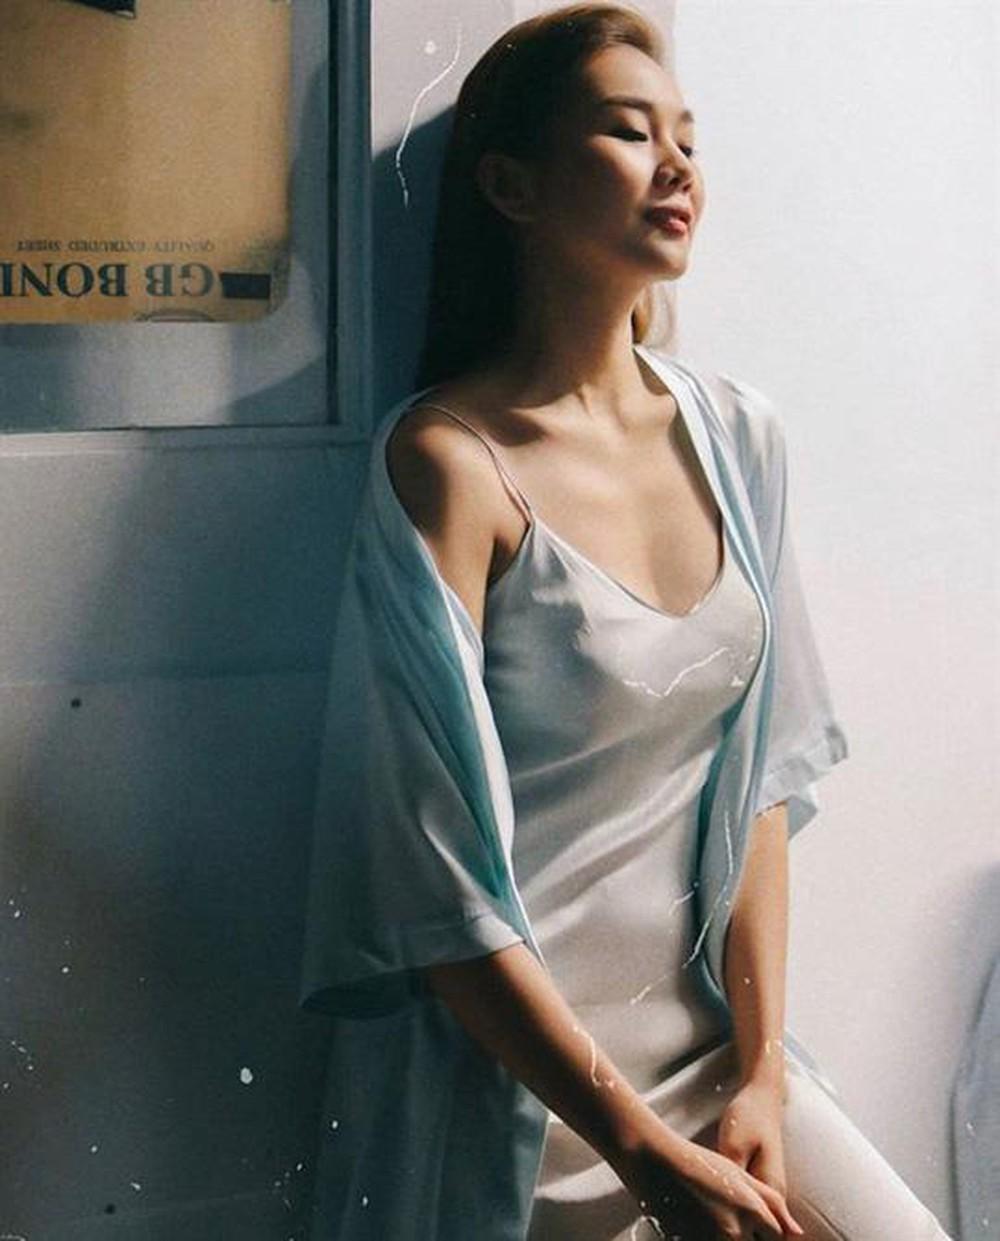 """Khéo mặc váy ngủ gợi cảm như người đẹp được Trường Giang khen là """"thần đồng"""" - 4"""